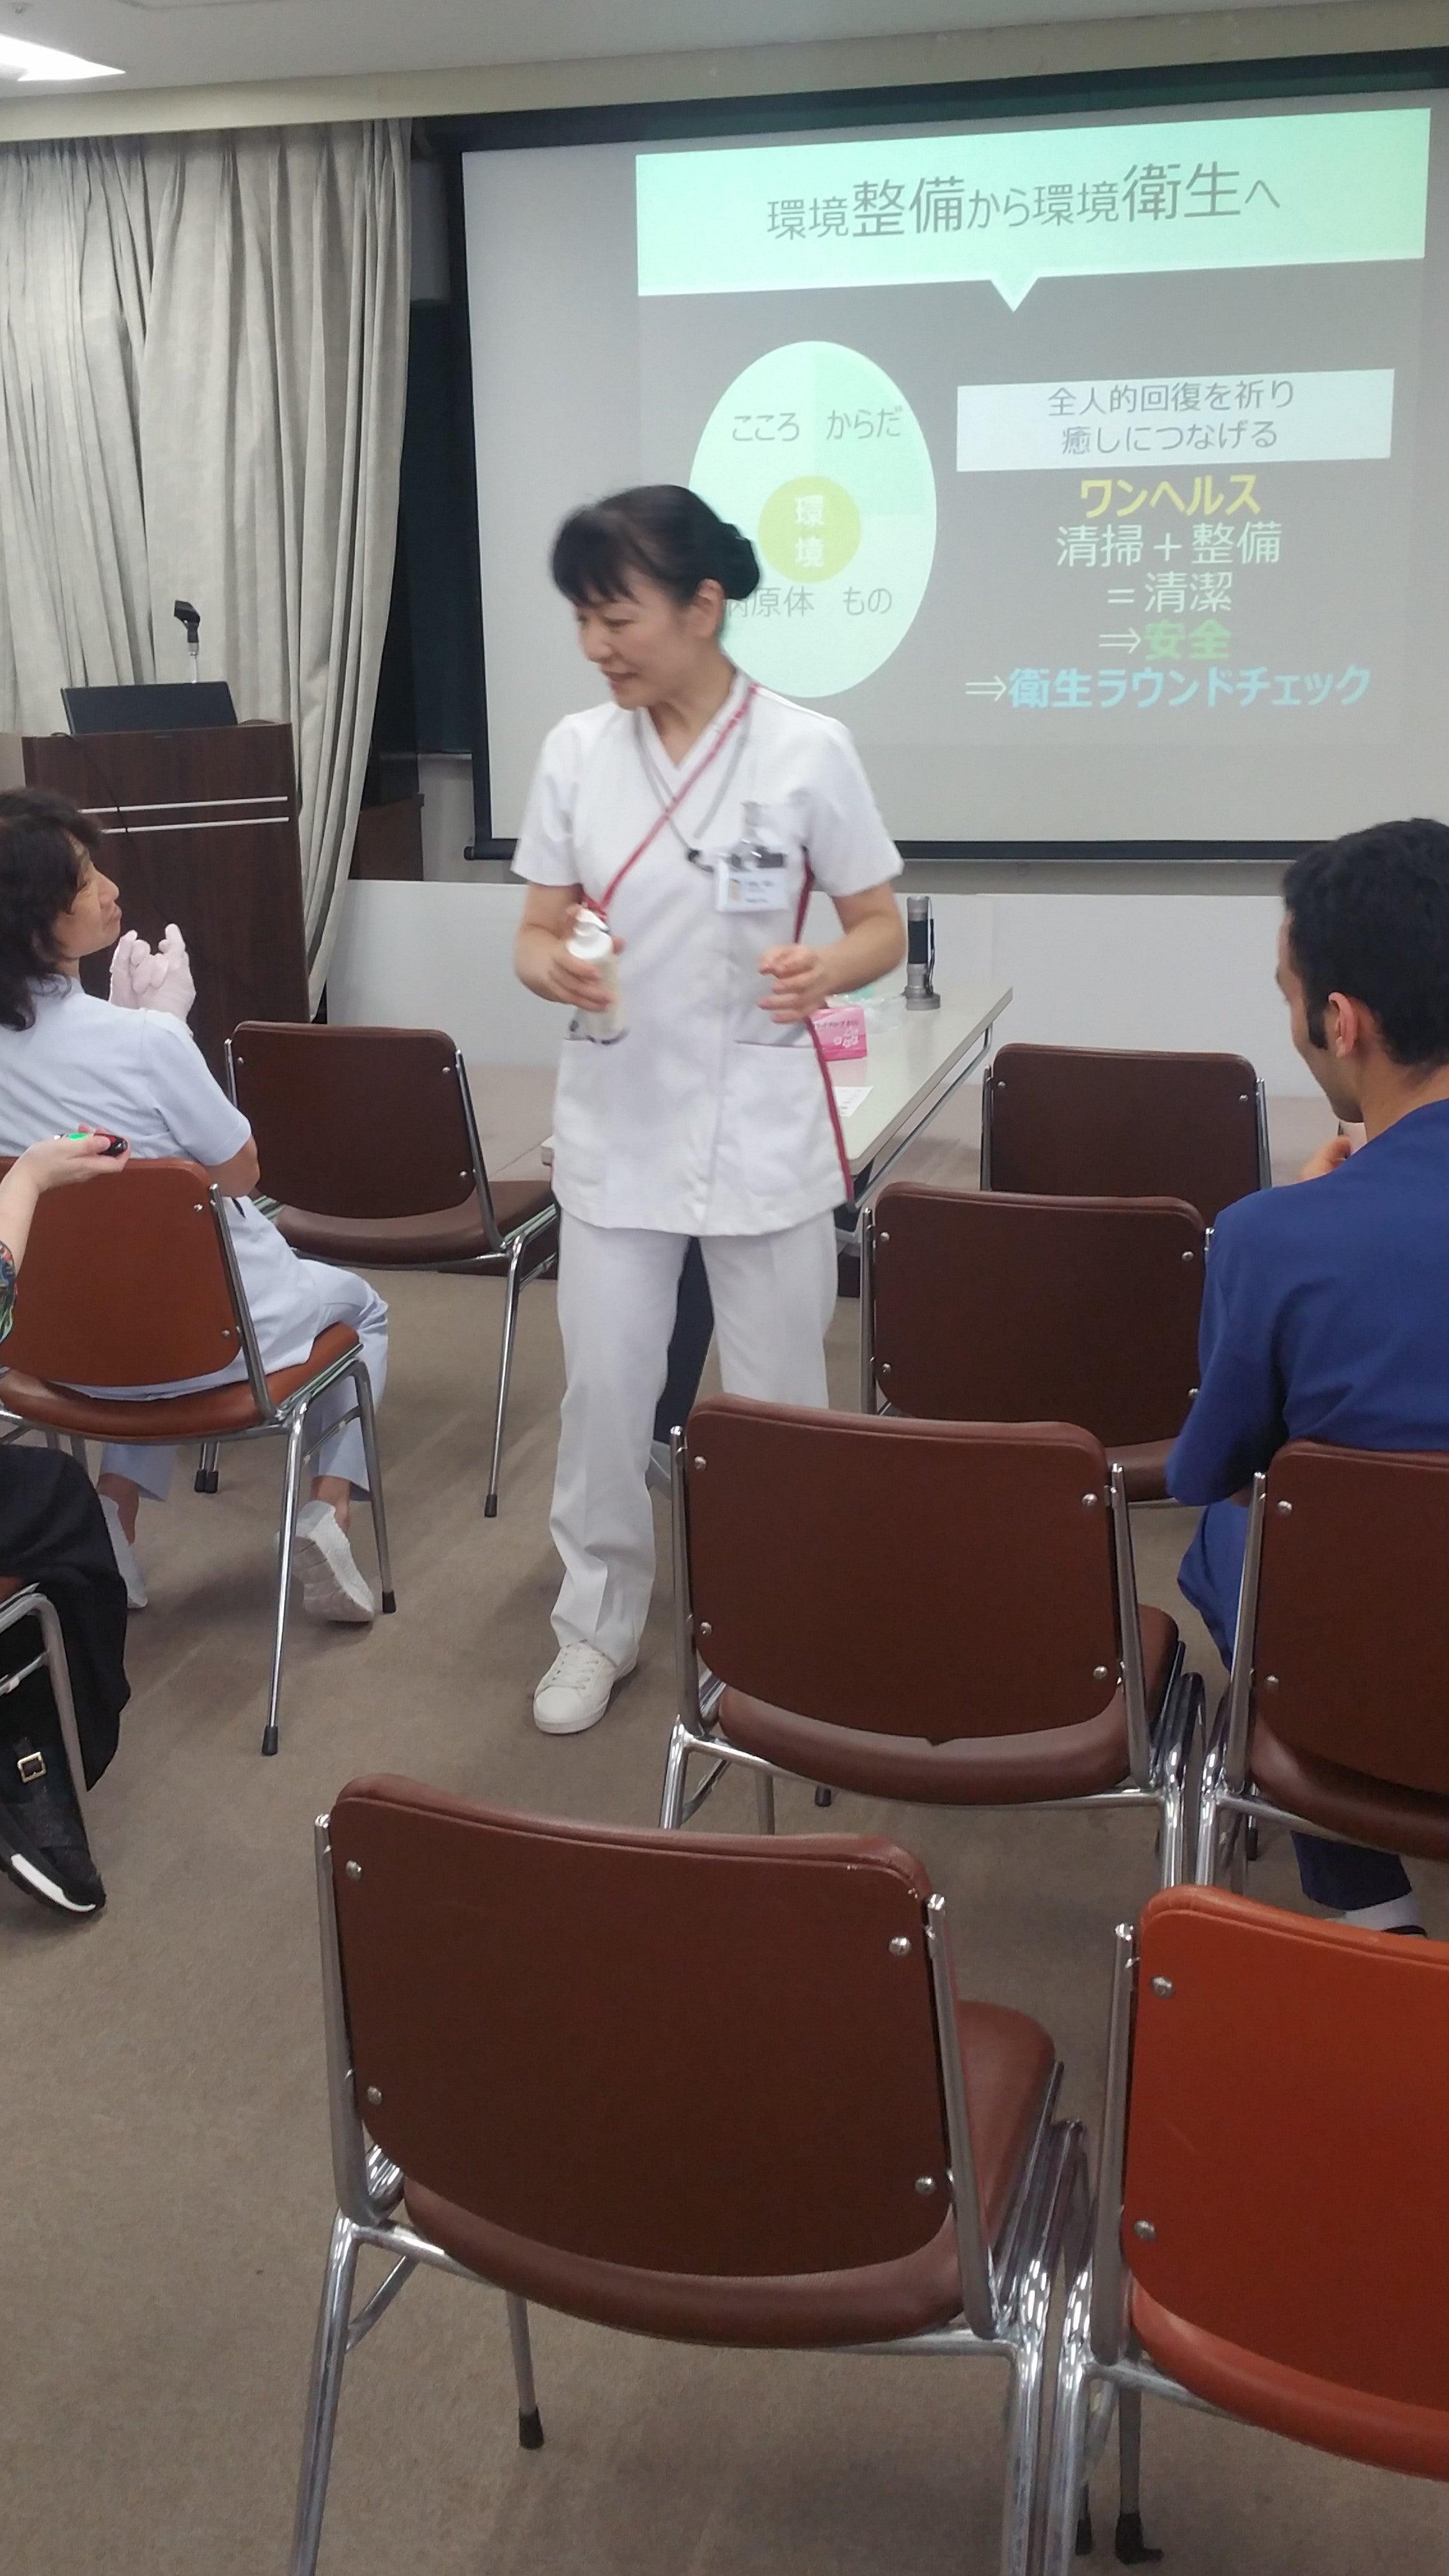 ナースアシスタント研修 『環境清掃~環境整備は環境衛生へ~』 | 東京衛生アドベンチスト病院看護部のブログ